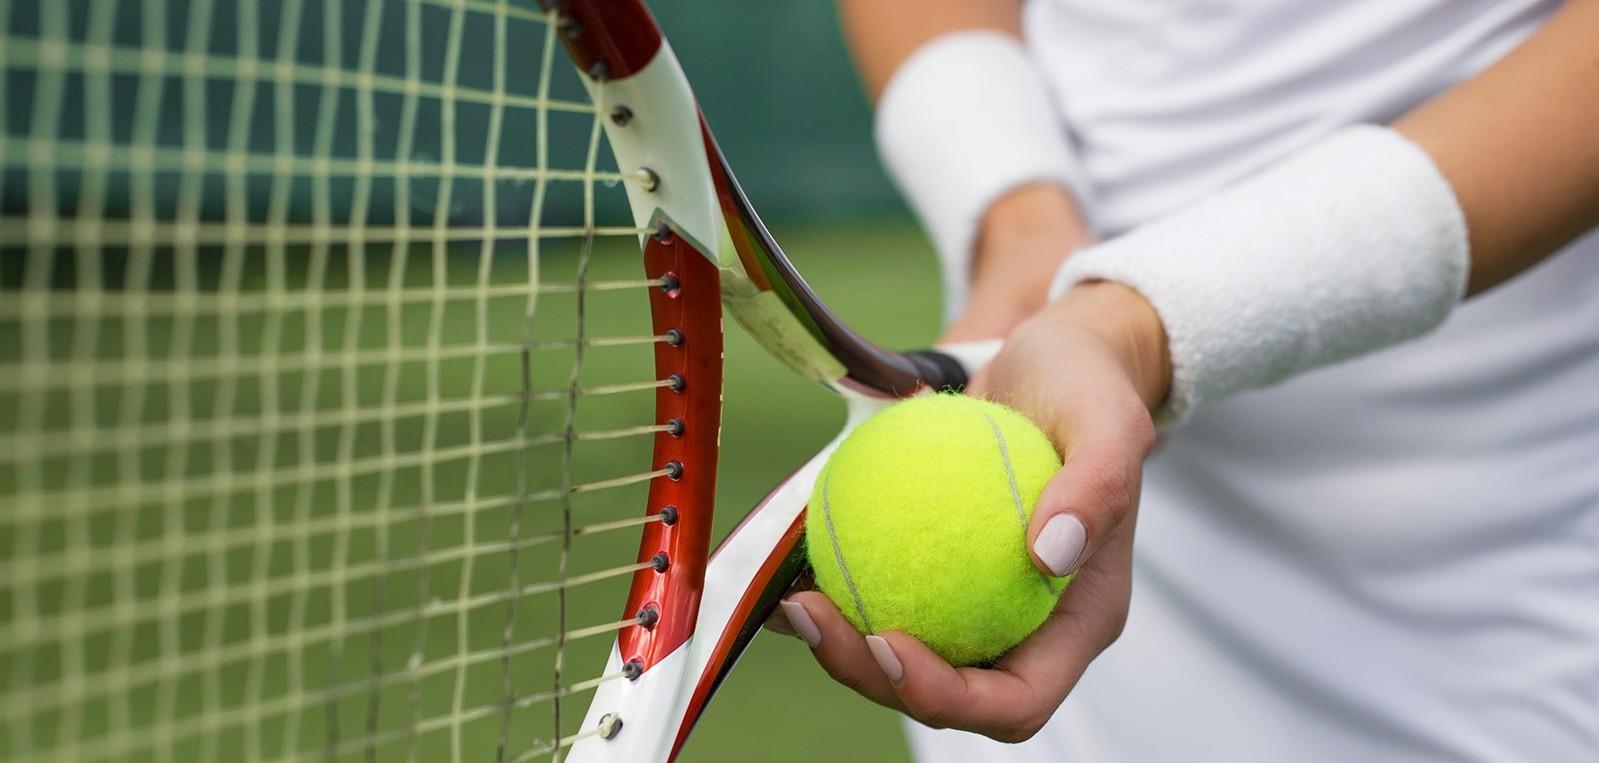 osobennosti stavok na tennis